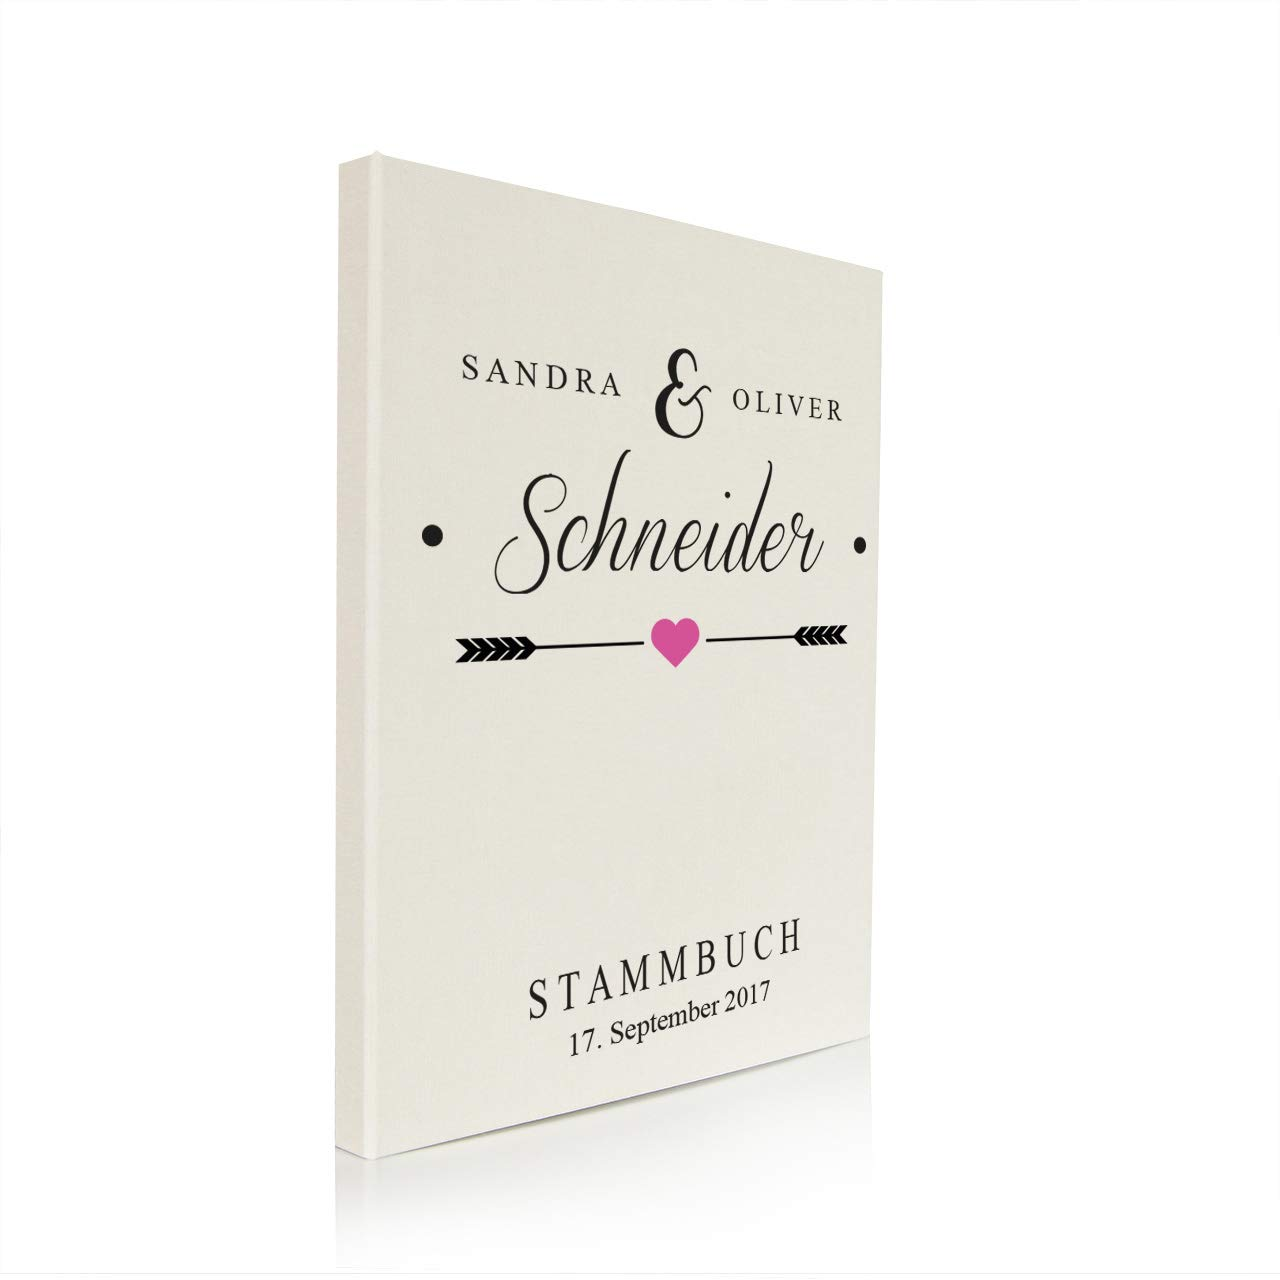 Nr Personalisierung Familienstammbuch Stammbuch der Familie Buchbinderleinen grau 165 inkl